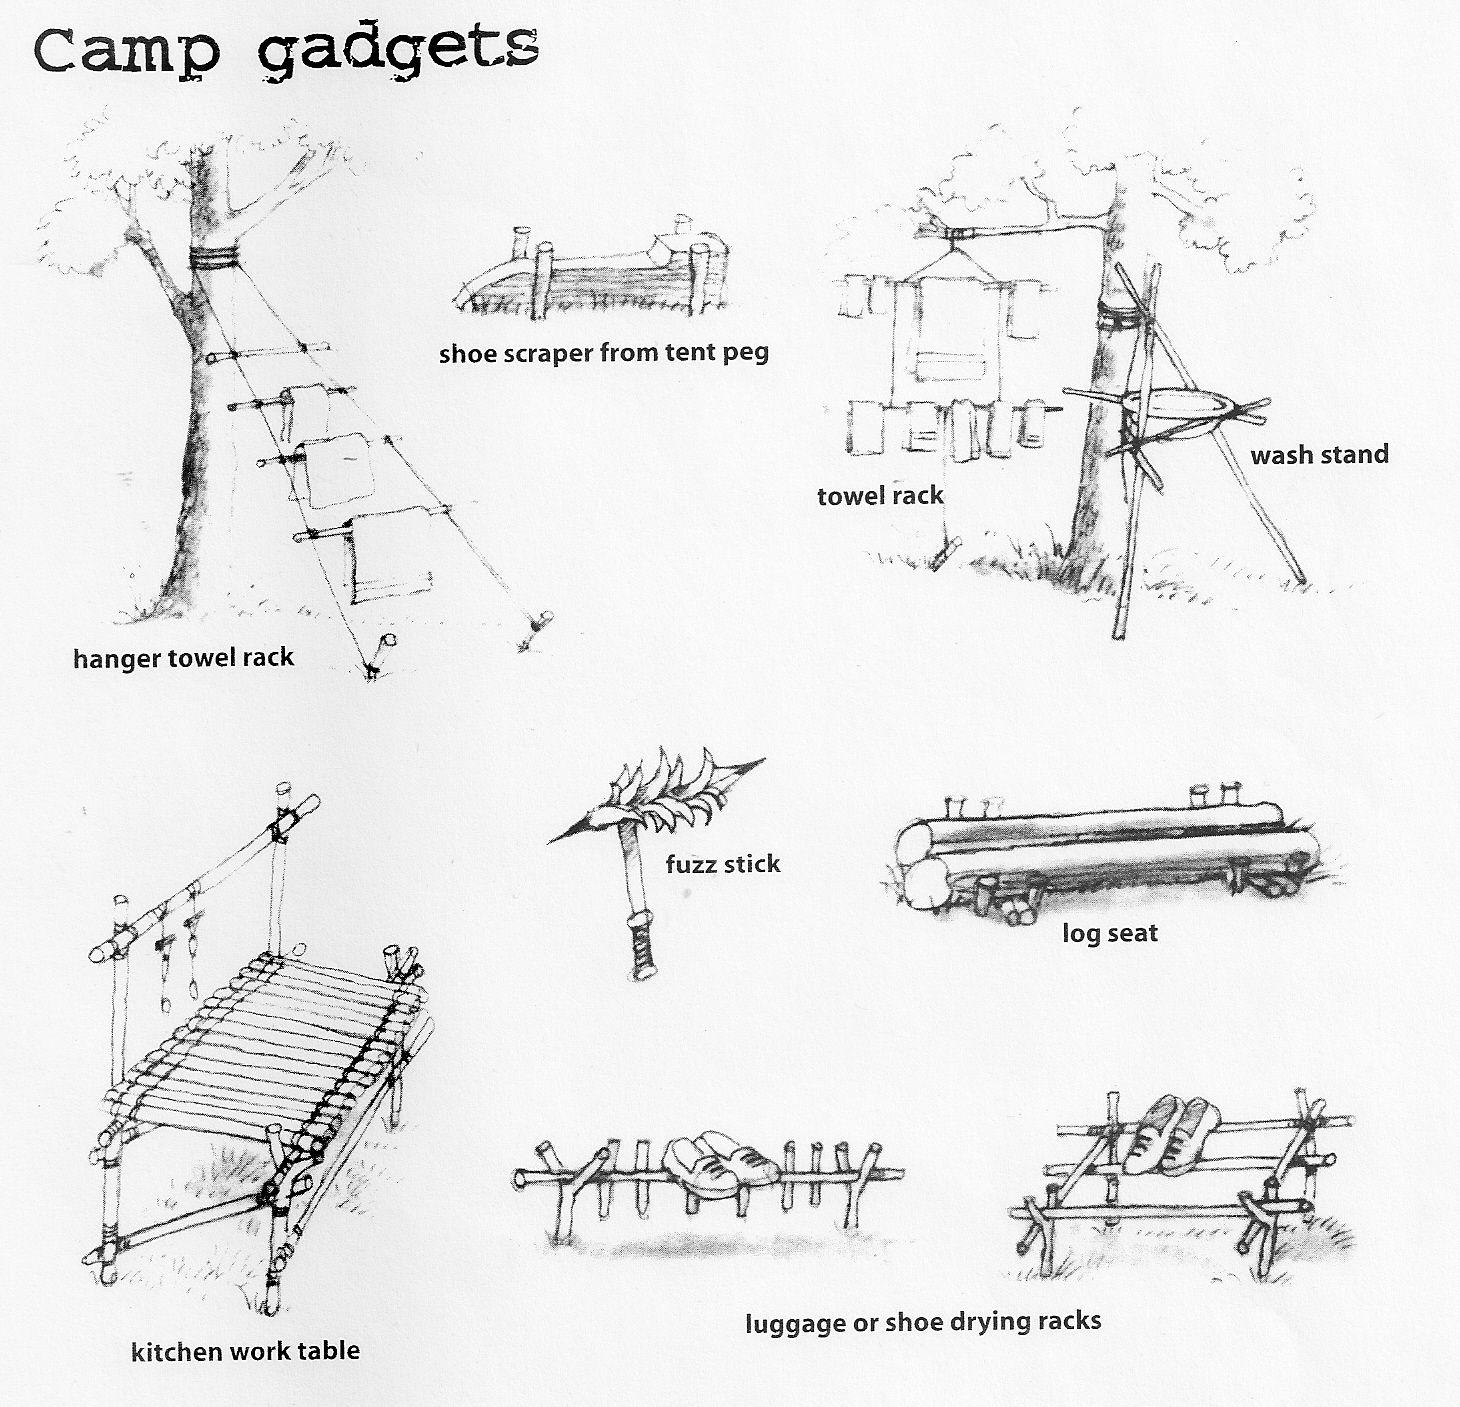 Bushcraft From My Old Girl Guide Handbook